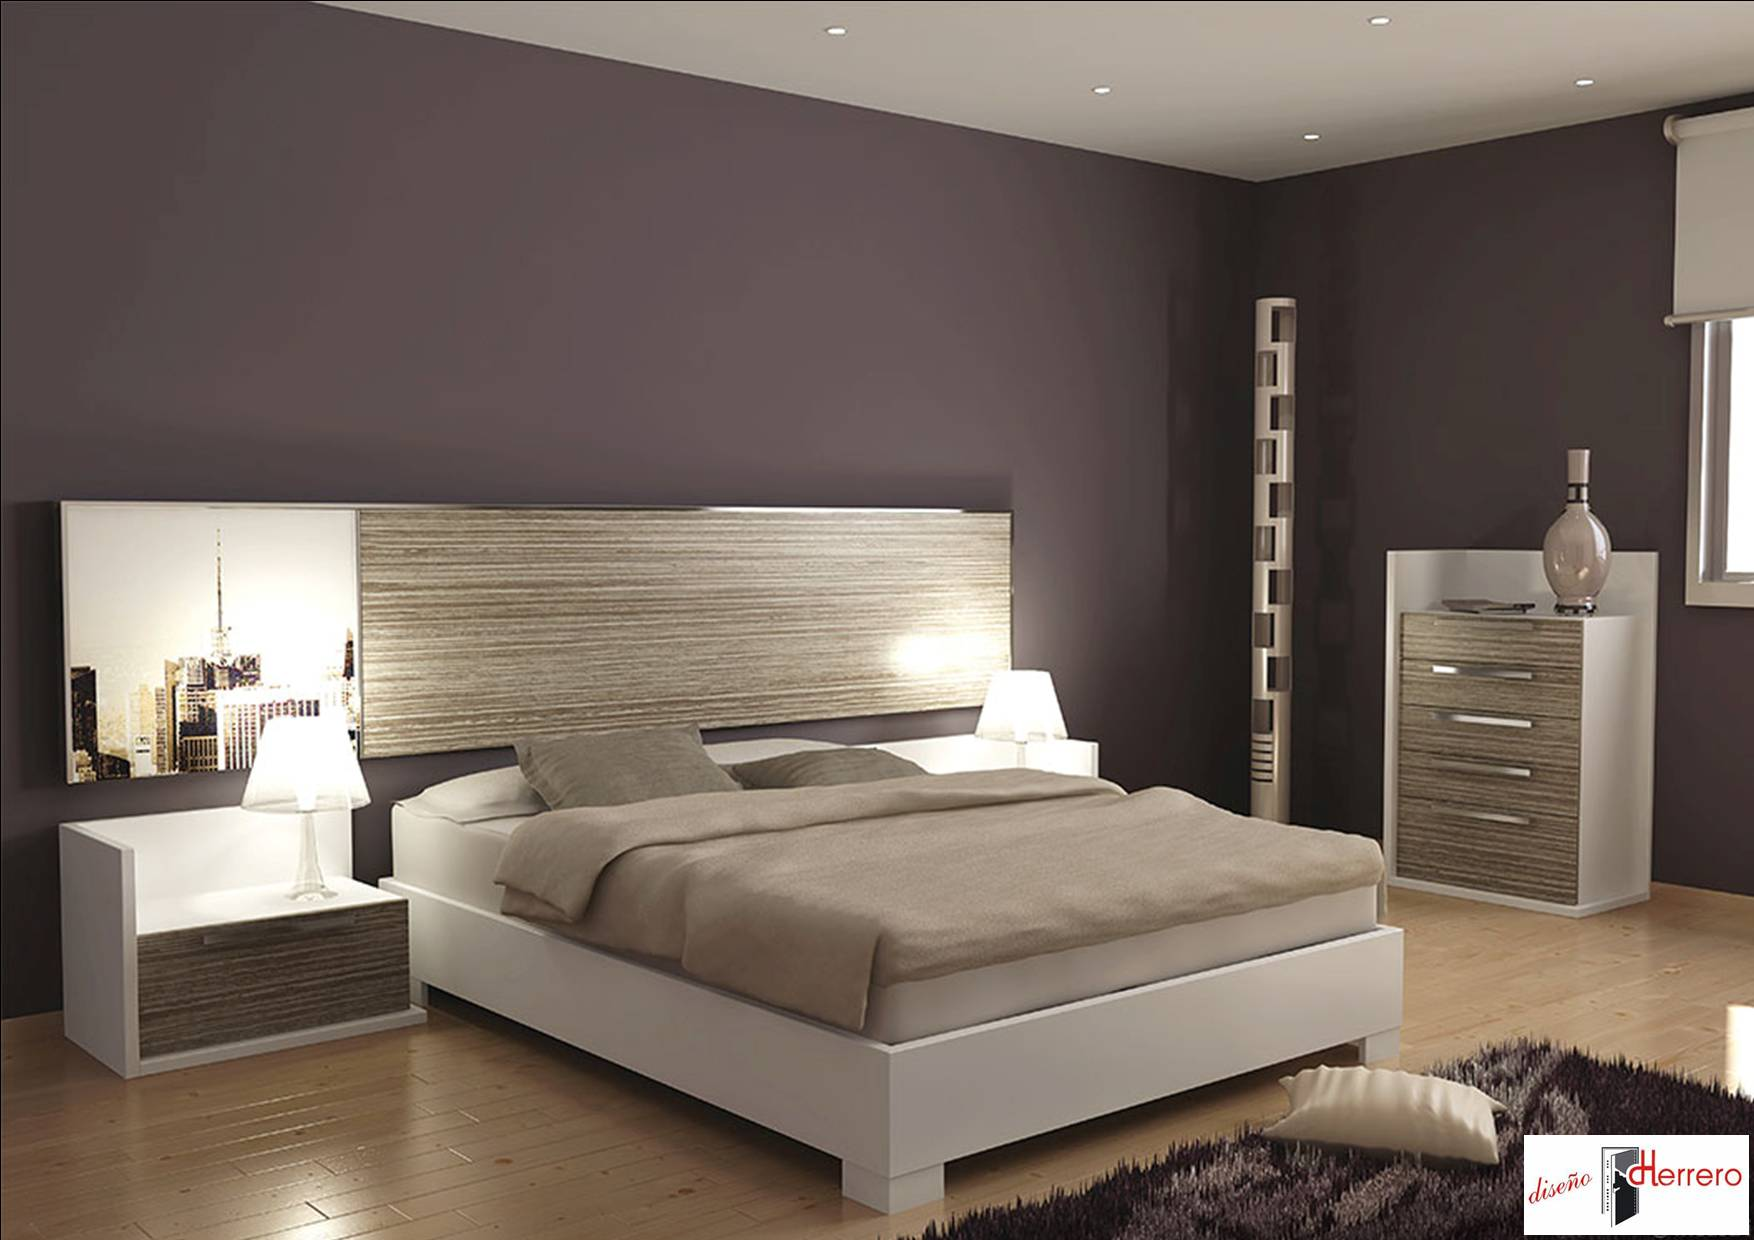 Dormitorios  Diseño Herrero, Puertas Y Reformas  Www